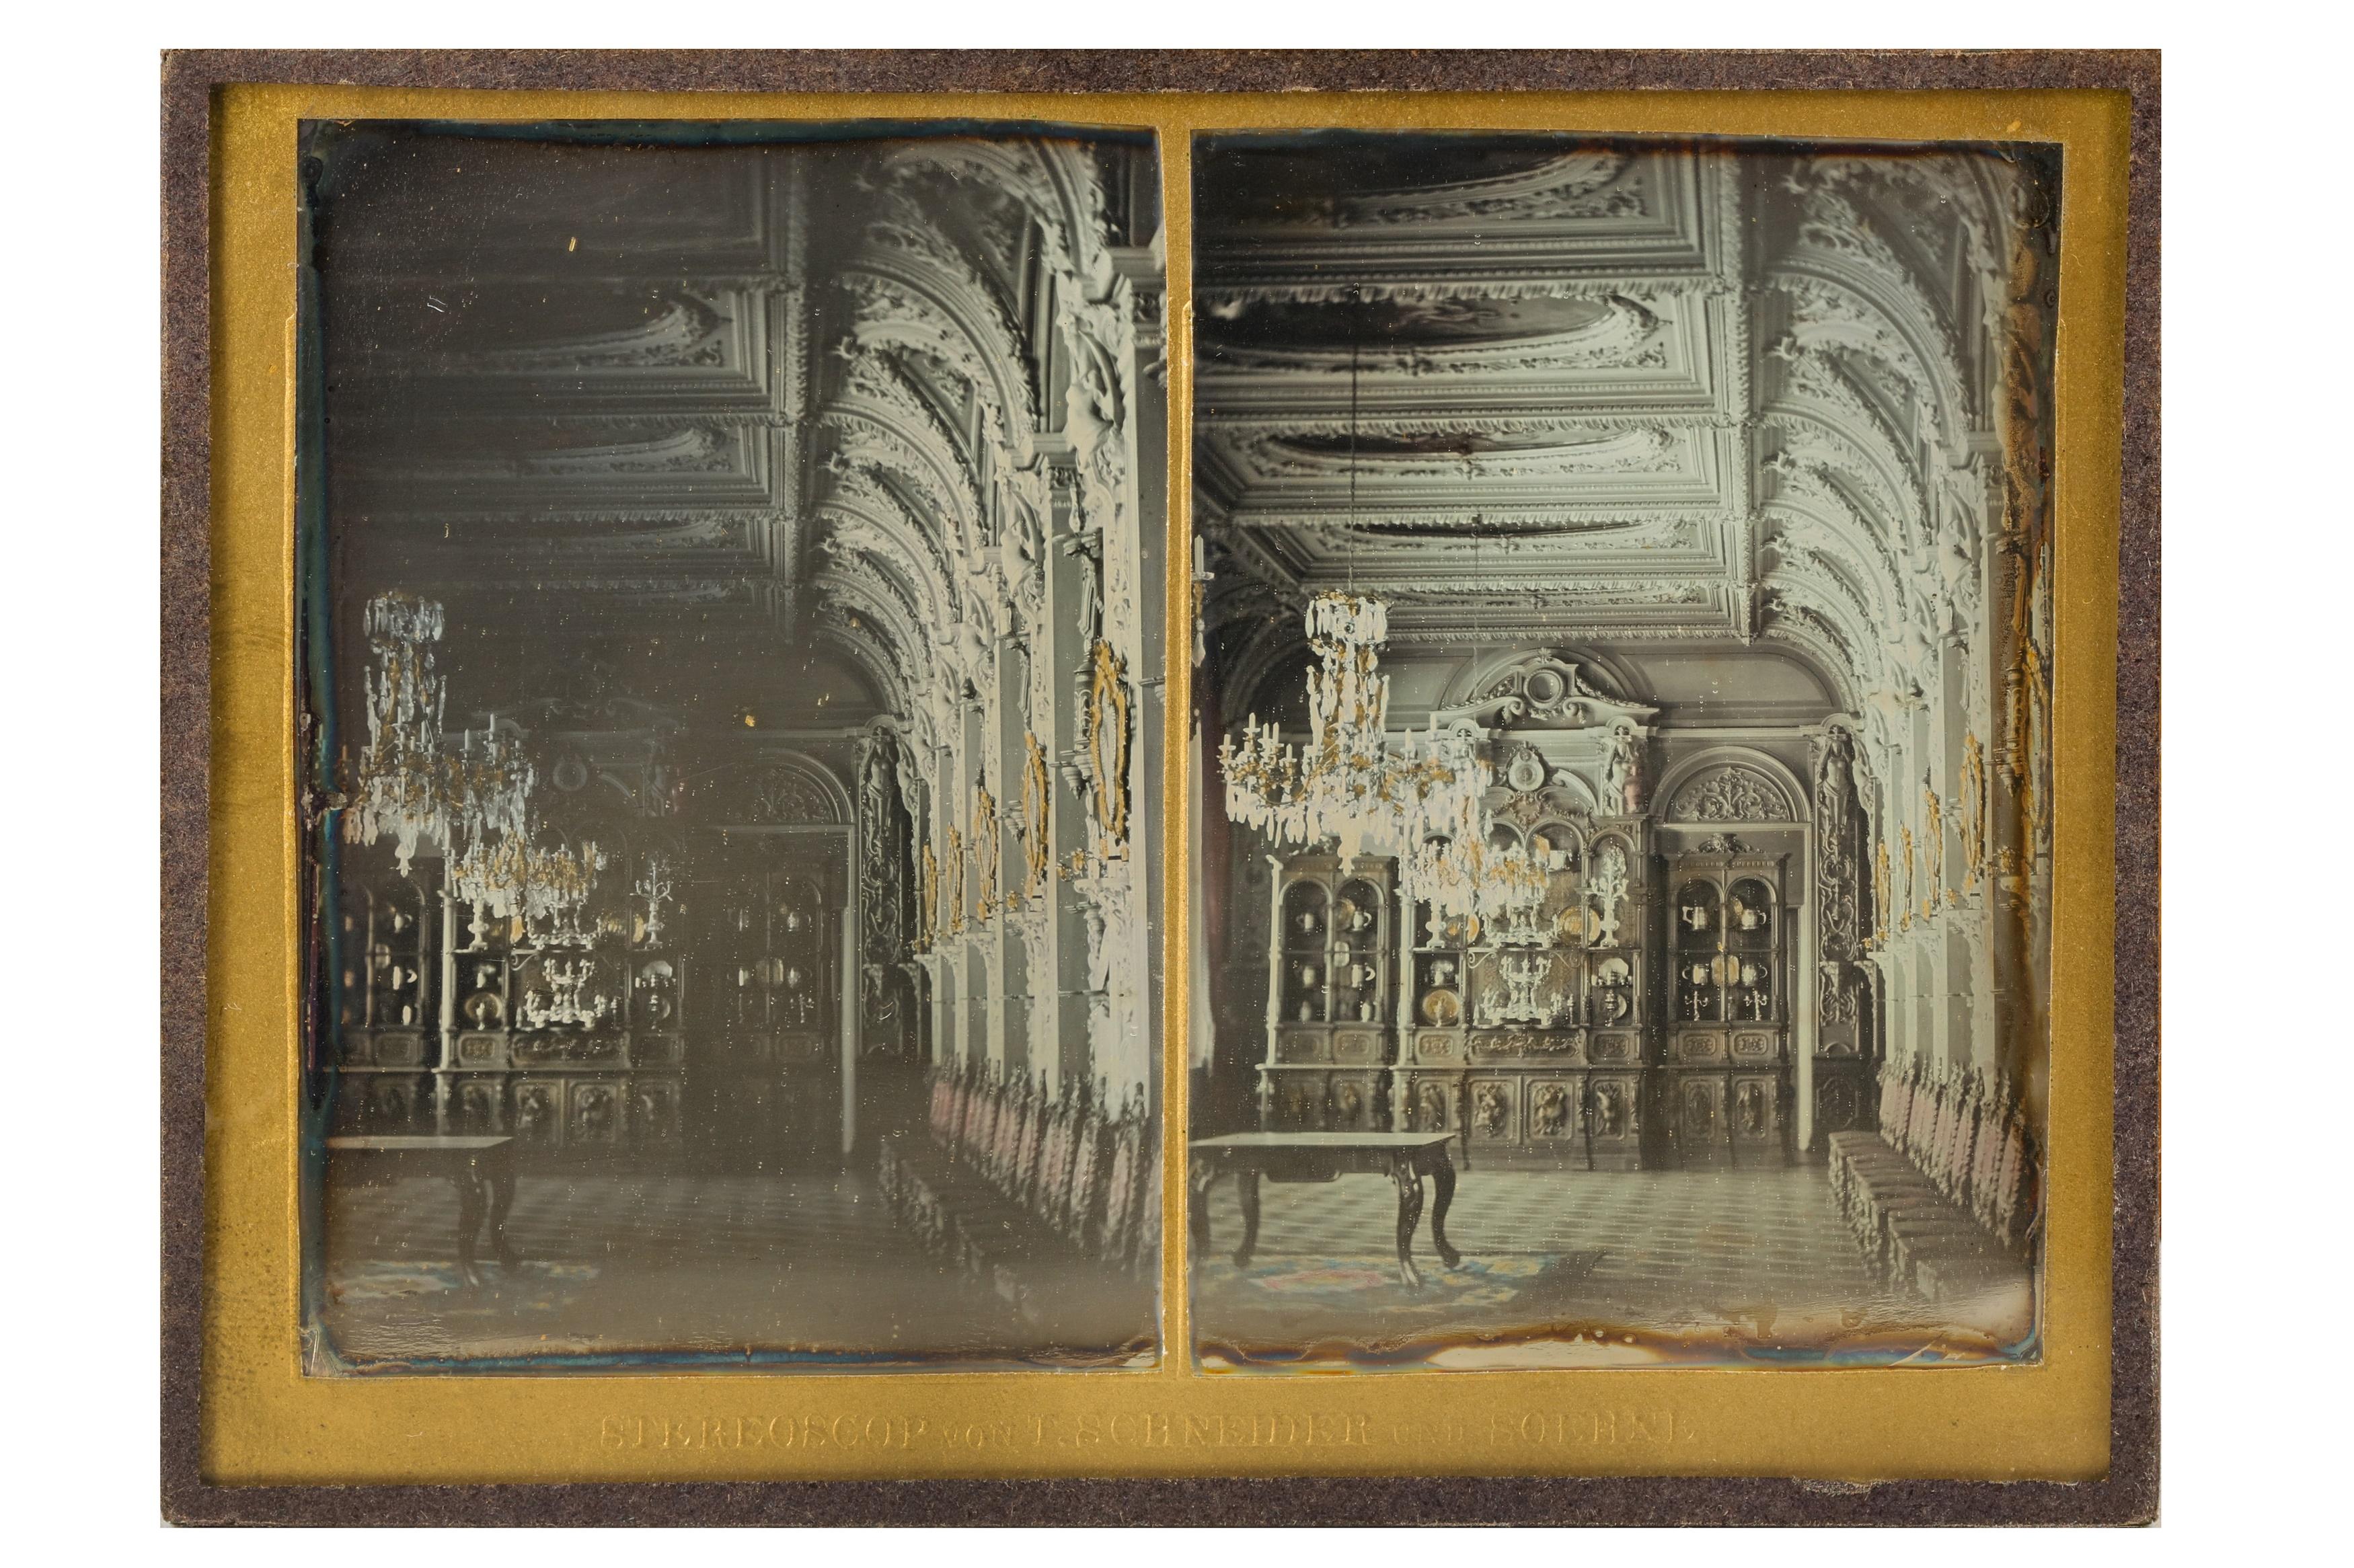 T. SCHNEIDER & SONS (1847-1921) - Image 14 of 22